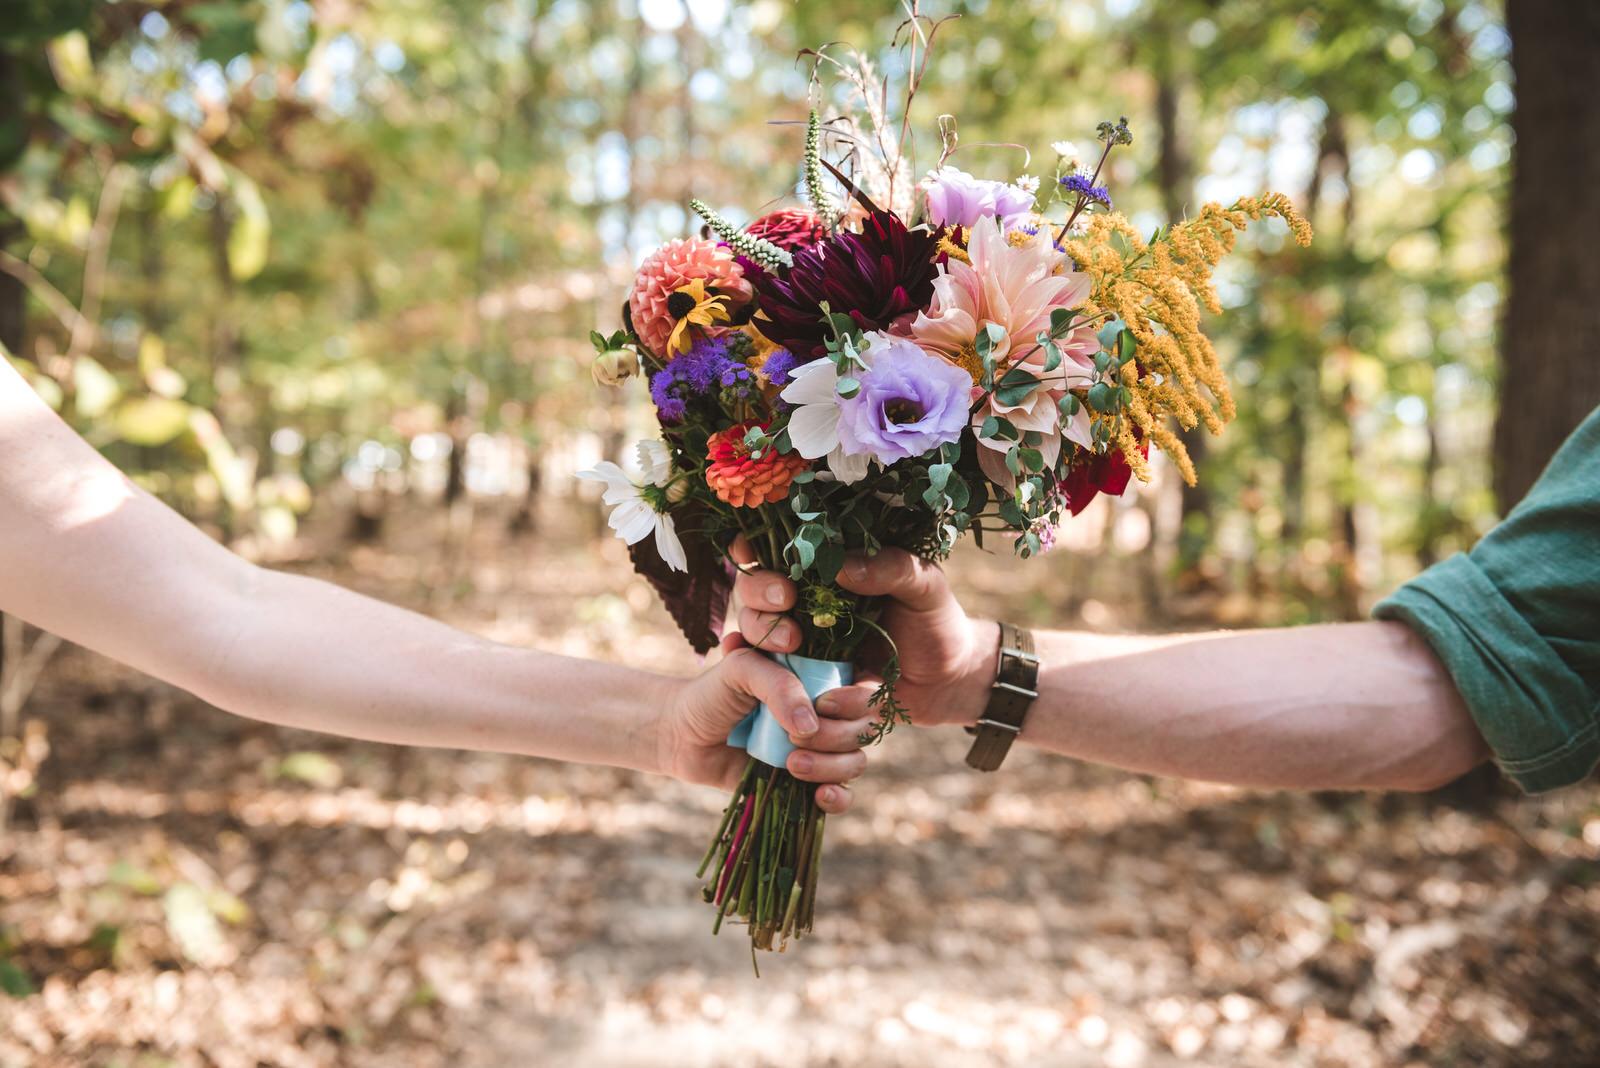 boho-wedding-bouquet-outside